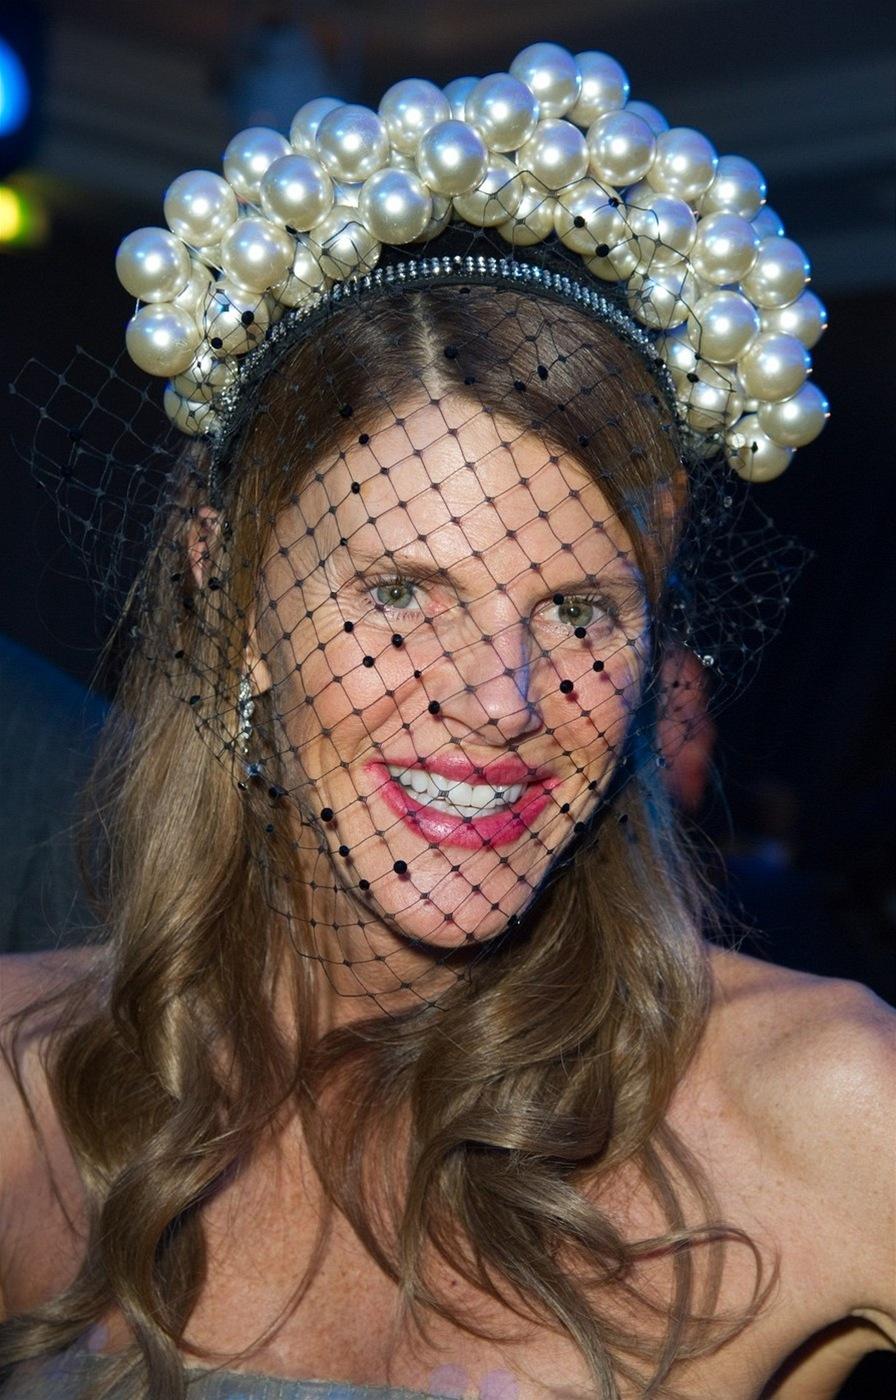 b8d9199cfe8 Fotogalerie  Hlavu může zdobit elegantní účes nebo klobouk. Nosit se dá  skutečně cokoliv